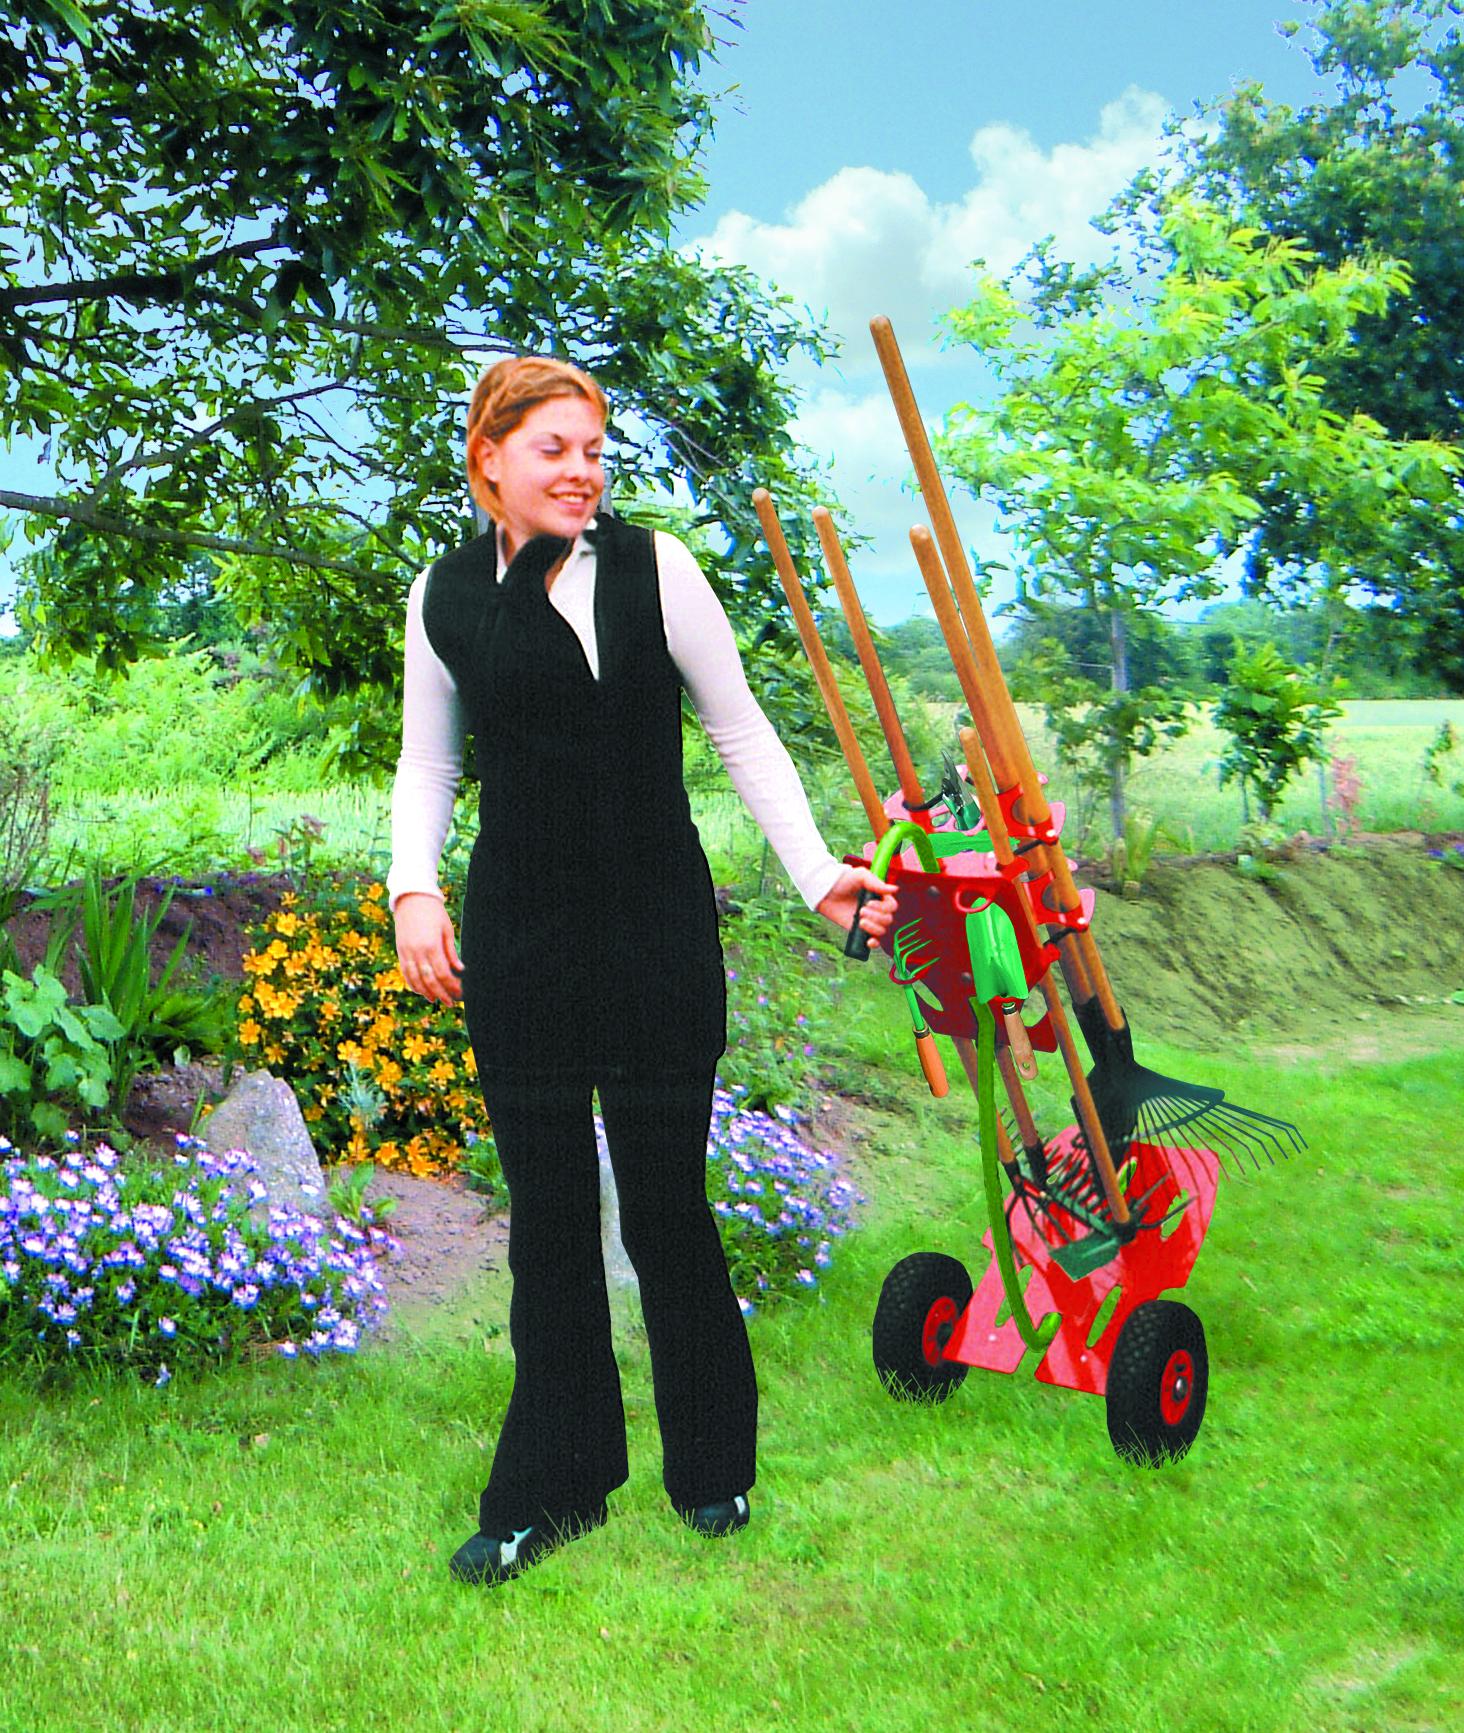 garden tool trolly